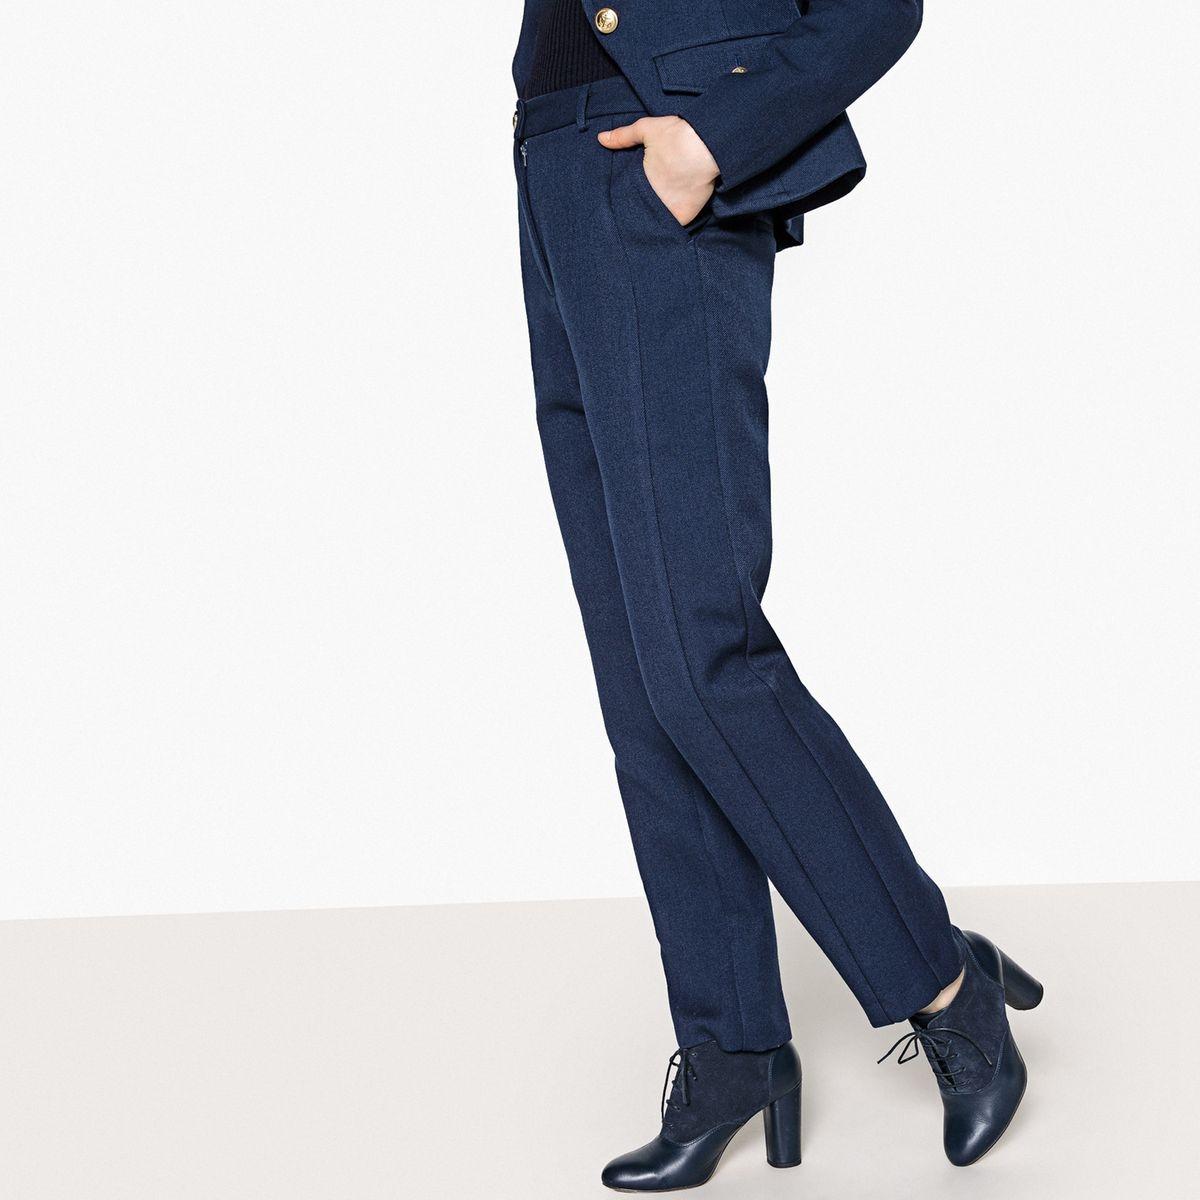 Pantalon droit coton/laine, découpe côté